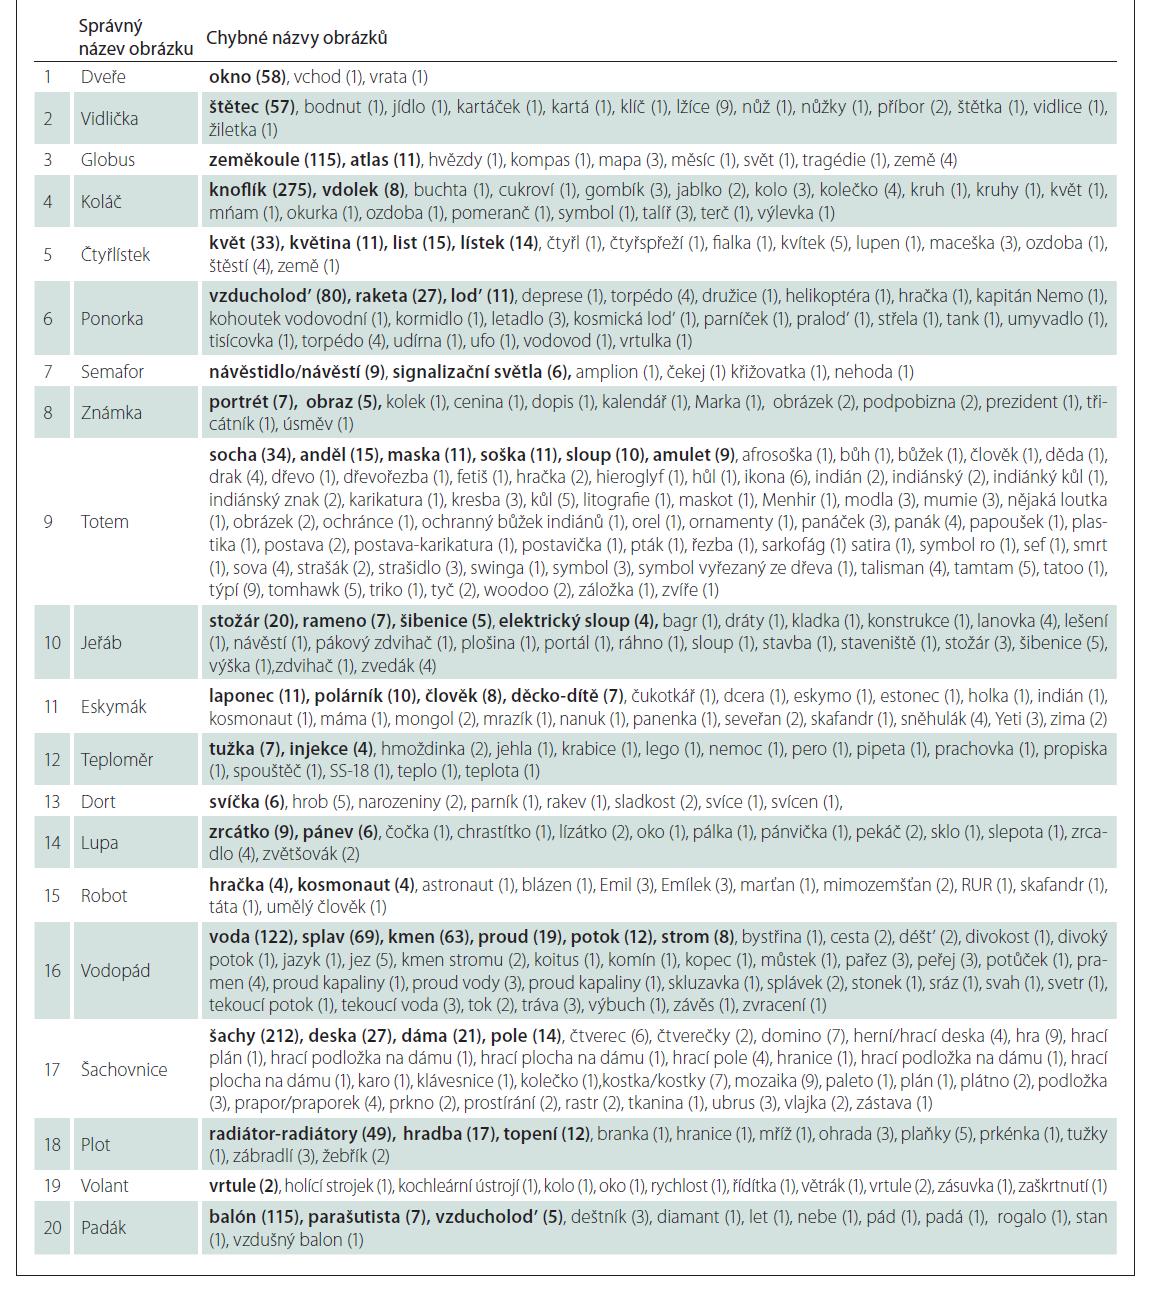 Tab. 2. Seznamy různých pojmenování 20 obtížnějších obrázků podle četnosti výskytu s počtem účastníků v závorce z normativní studie shody elektronického pojmenování po celé ČR na rozsáhlém vzorku 5 290 osob s velkým rozpětím věku (11–90 let) a vzdělání (8–28 let).<br> Tab. 2B. Seznamy chybných pojmenování<br> Několik nejčastějších chybných názvů je tučně zvýrazněno a seřazeno podle četnosti výskytu názvu sestupně, méně časté názvy poté následují seřazeny v abecedním pořadí.